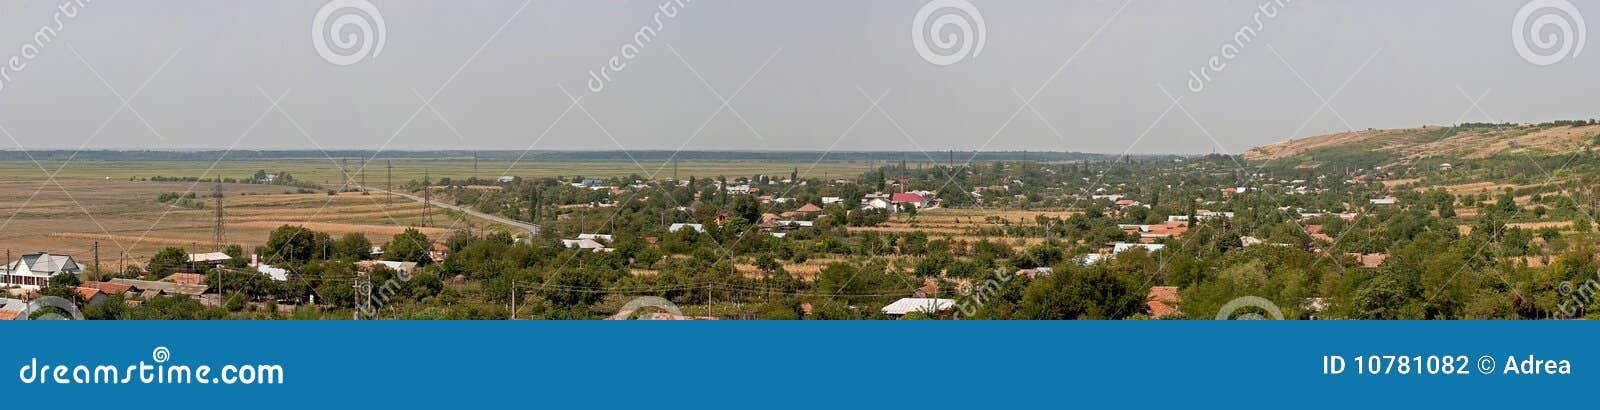 Het panorama van het dorp